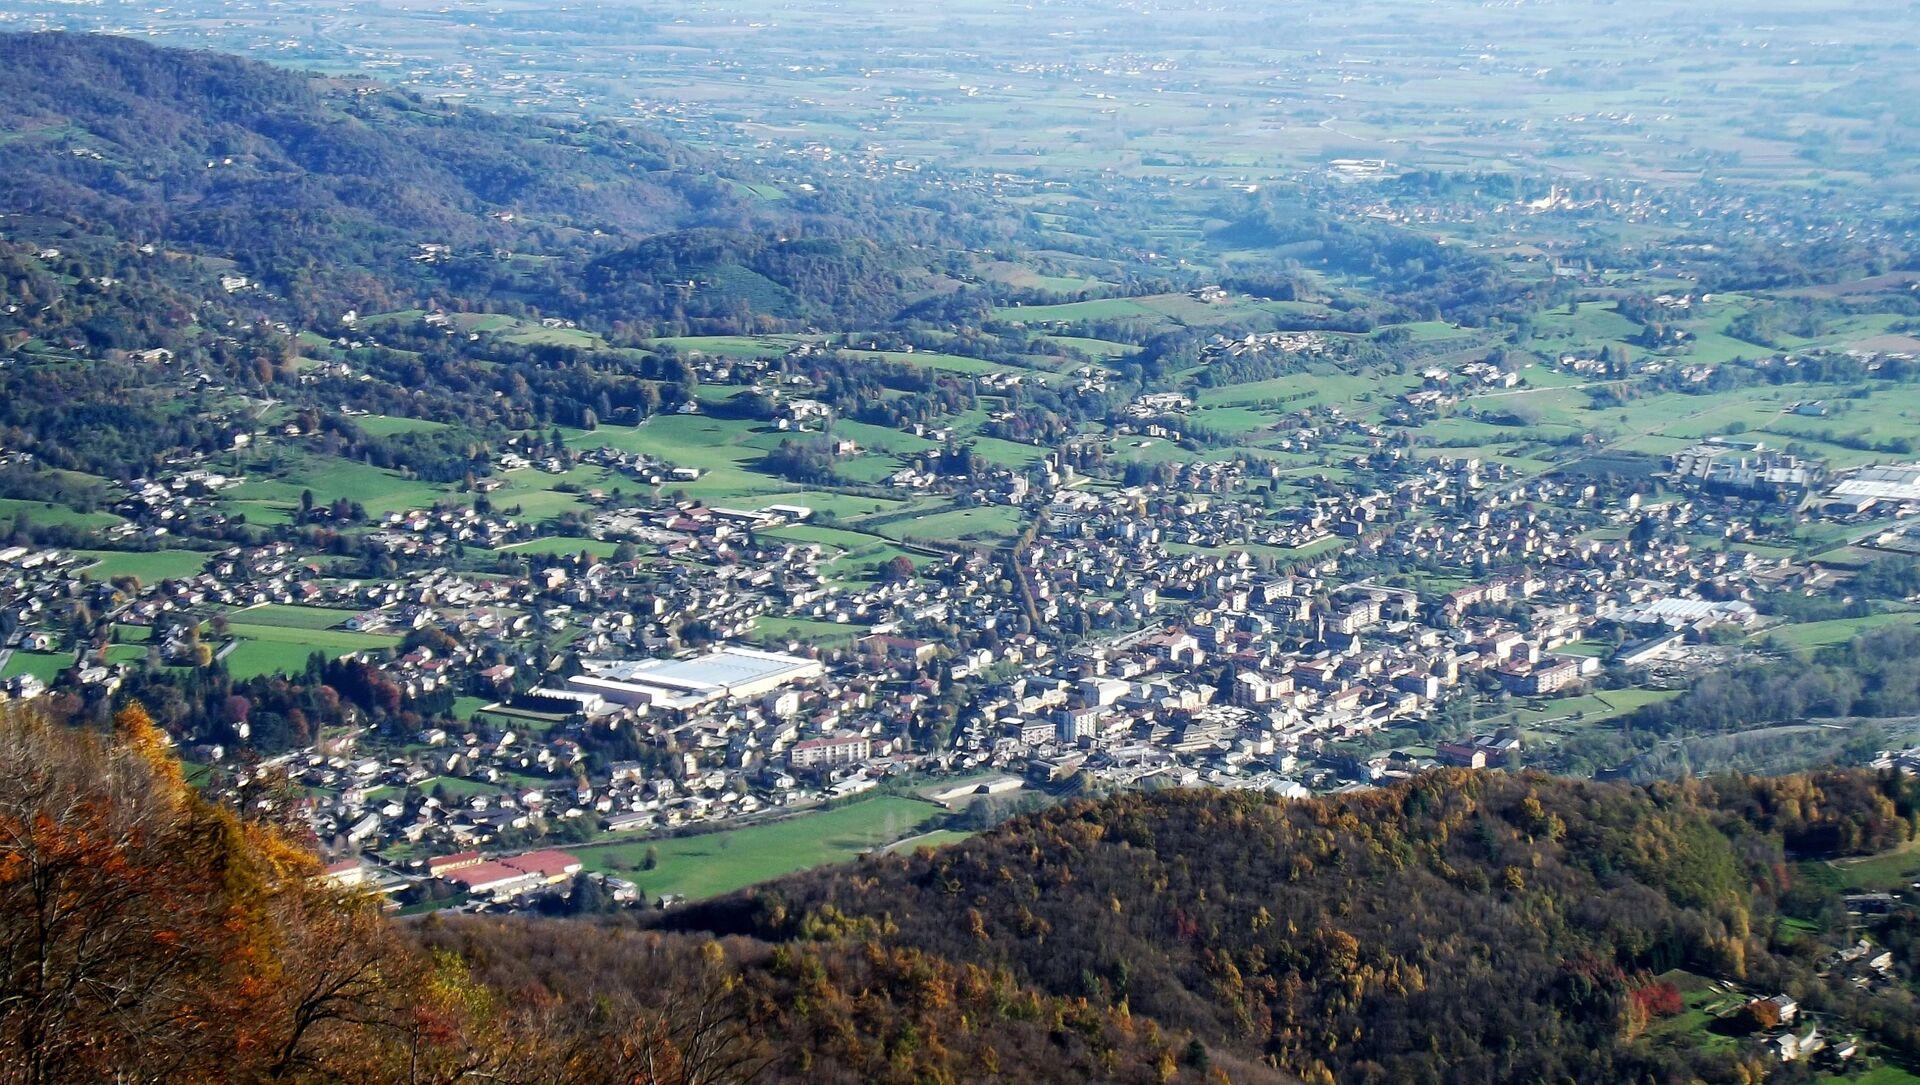 Comune di Luserna, Trentino Alto Adige - Sputnik Italia, 1920, 05.02.2021